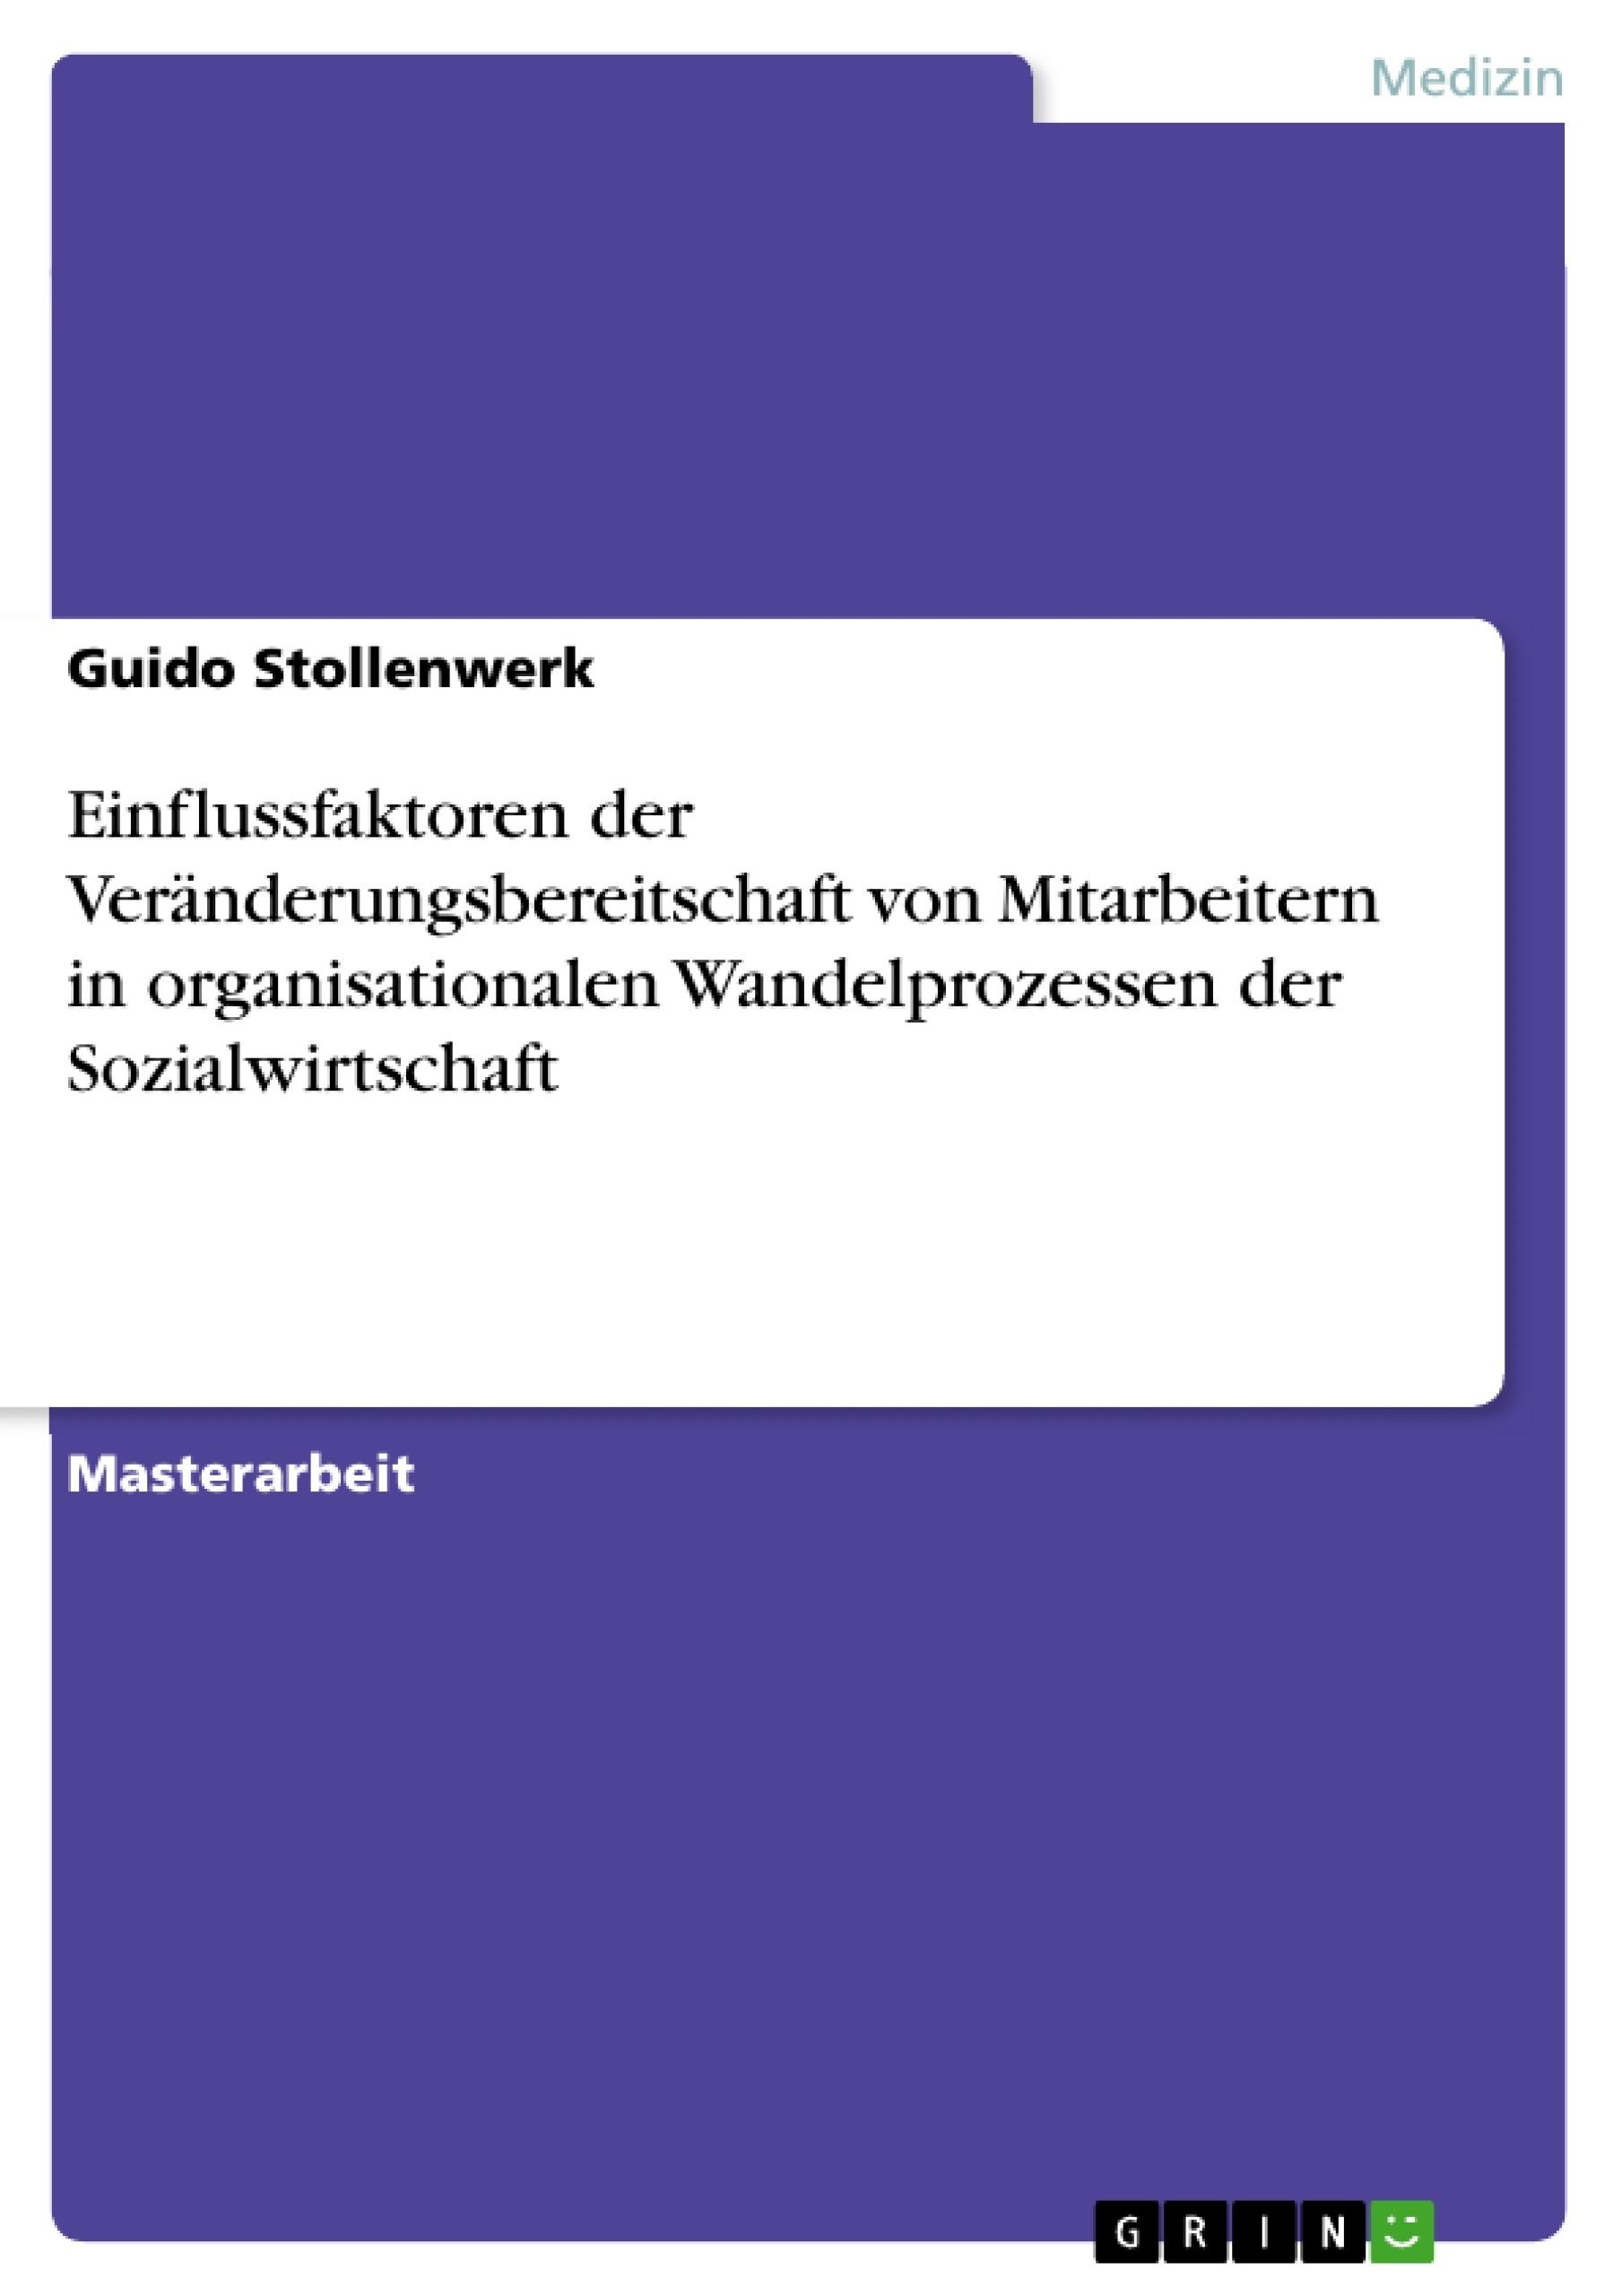 Titel: Einflussfaktoren der Veränderungsbereitschaft von Mitarbeitern in organisationalen Wandelprozessen der Sozialwirtschaft